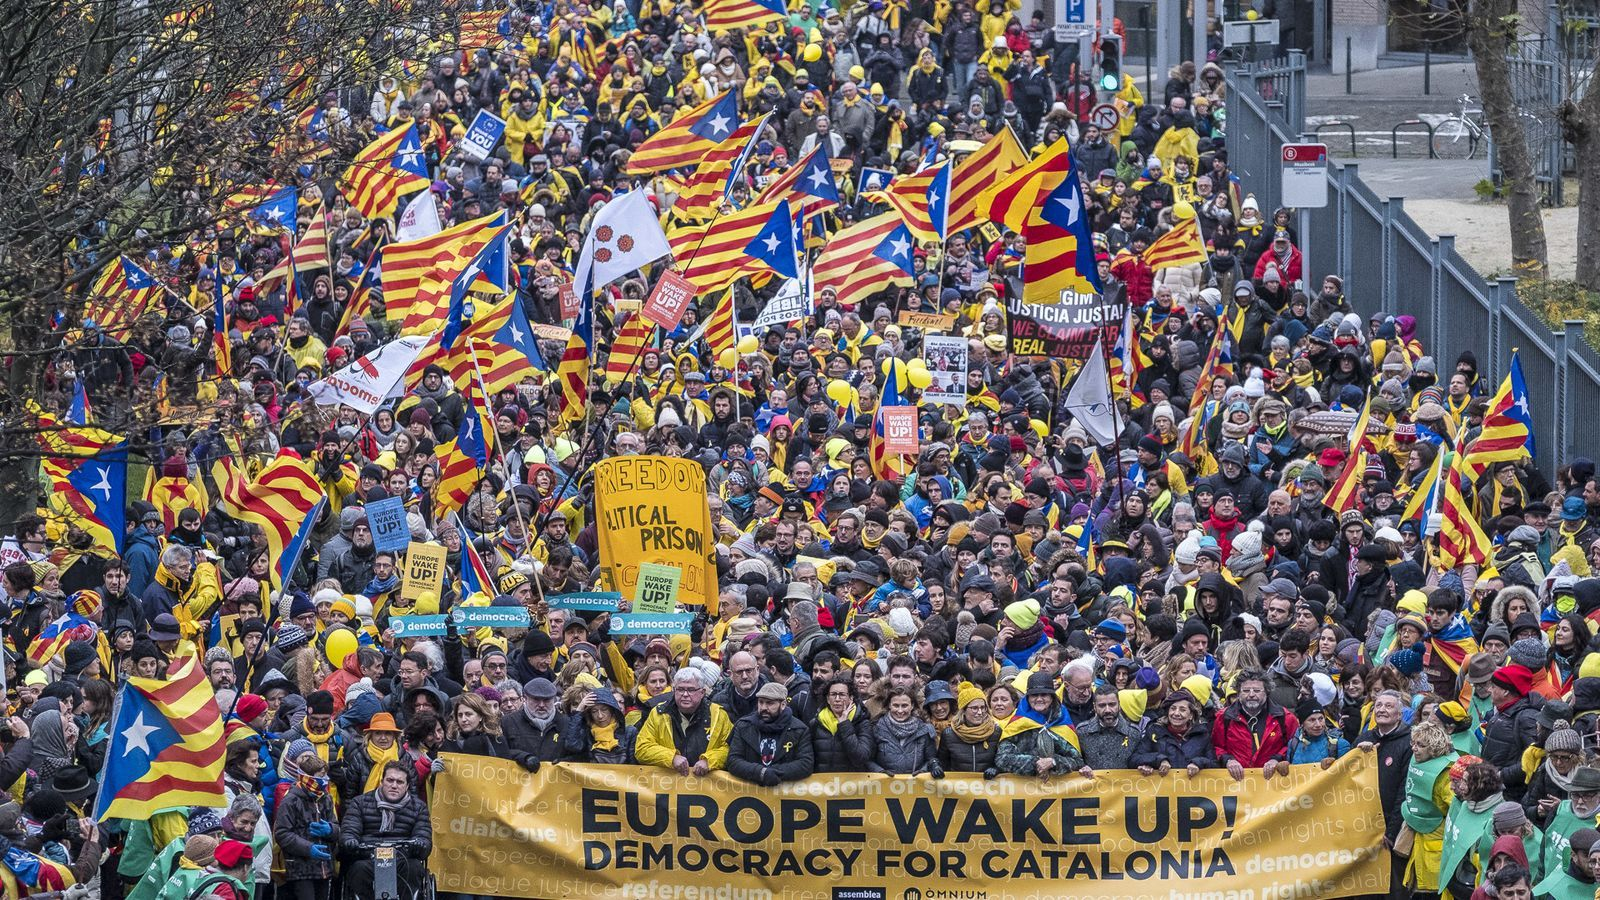 L'ANC convoca concentracions en una trentena de ciutats de tot el món per protestar contra la sentència